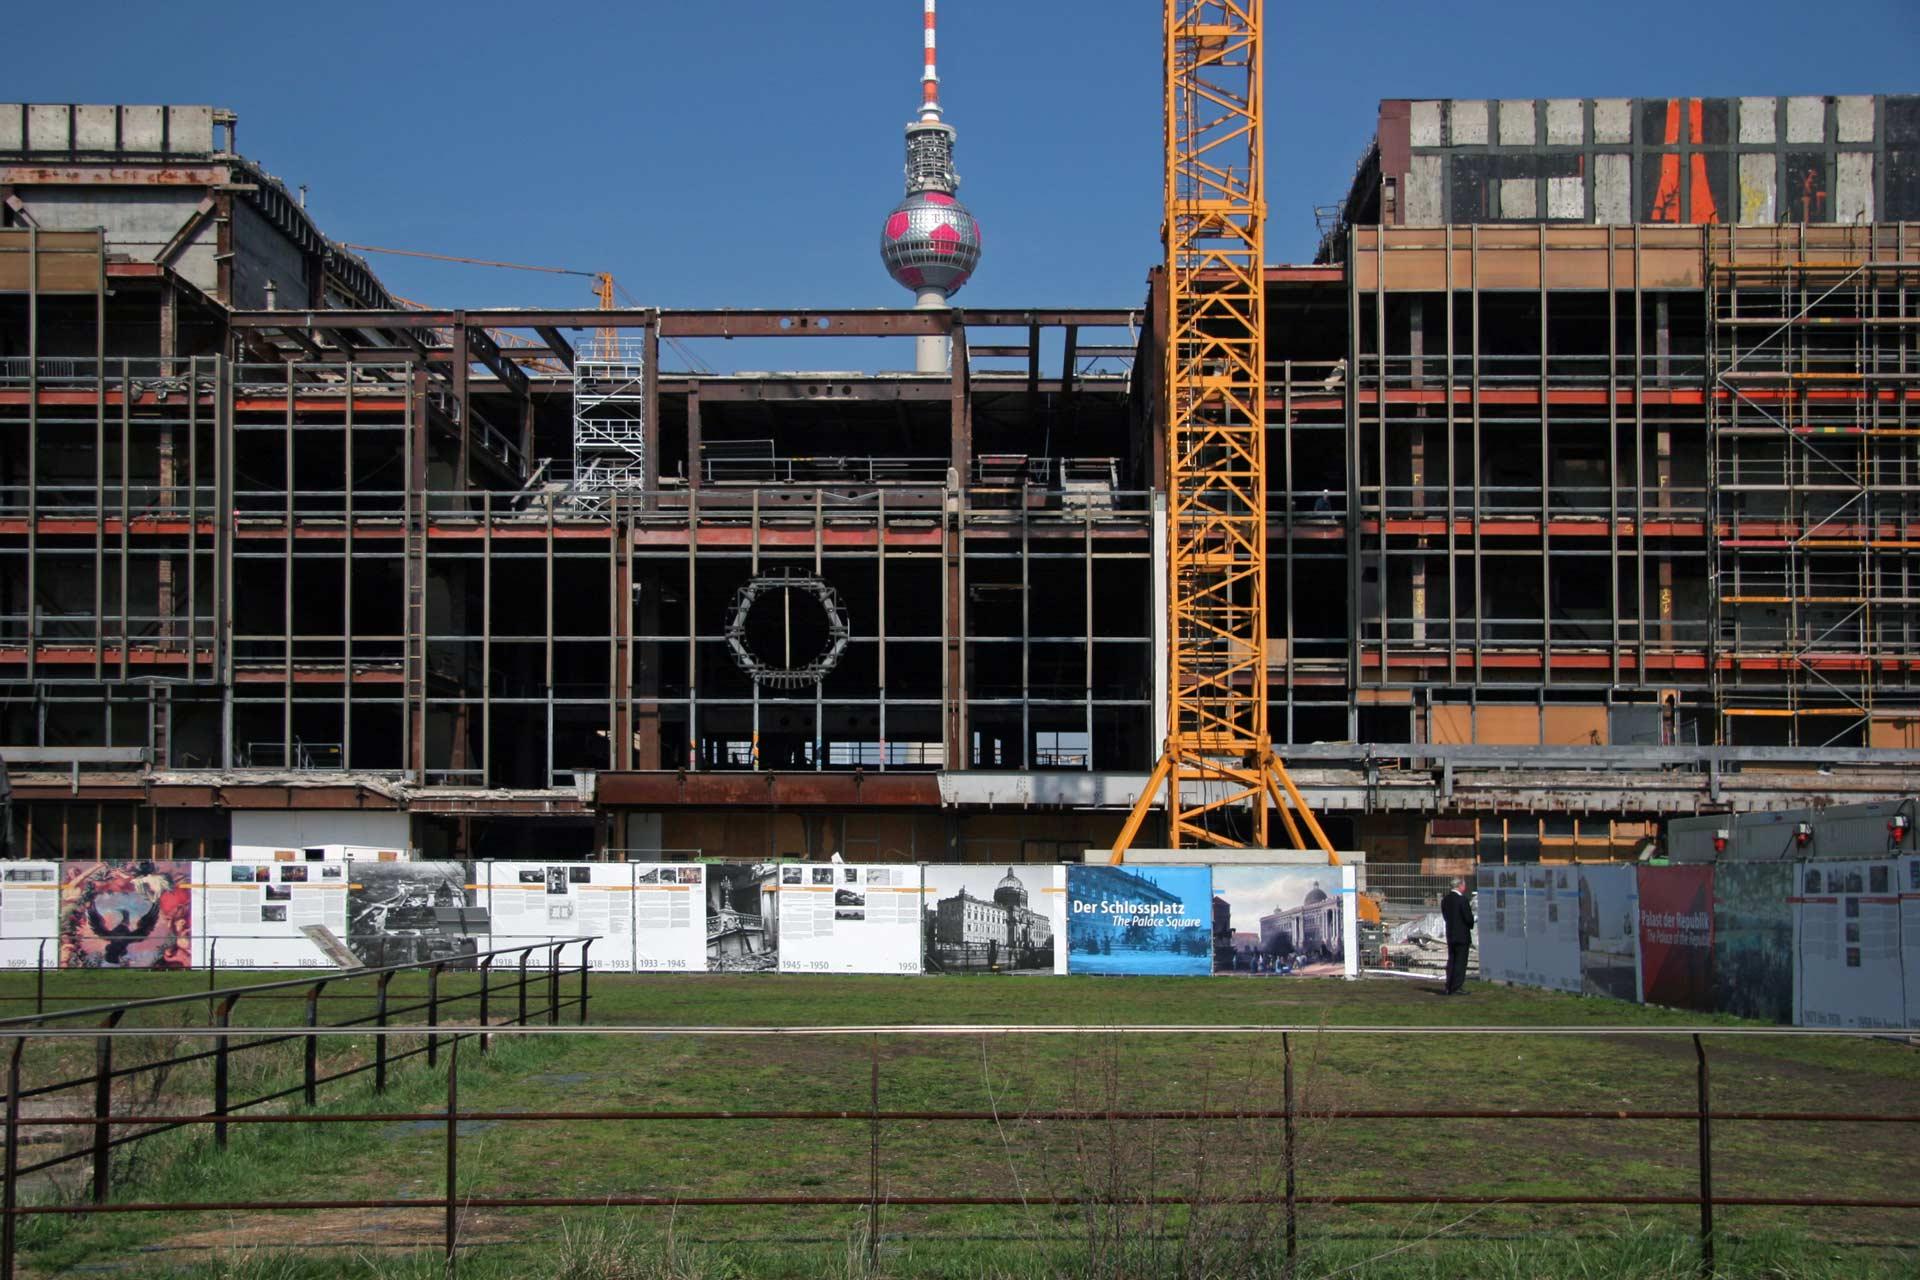 Der Palast der Republik wird abgerissen, um dem Humboldt Forum Platz zu machen.